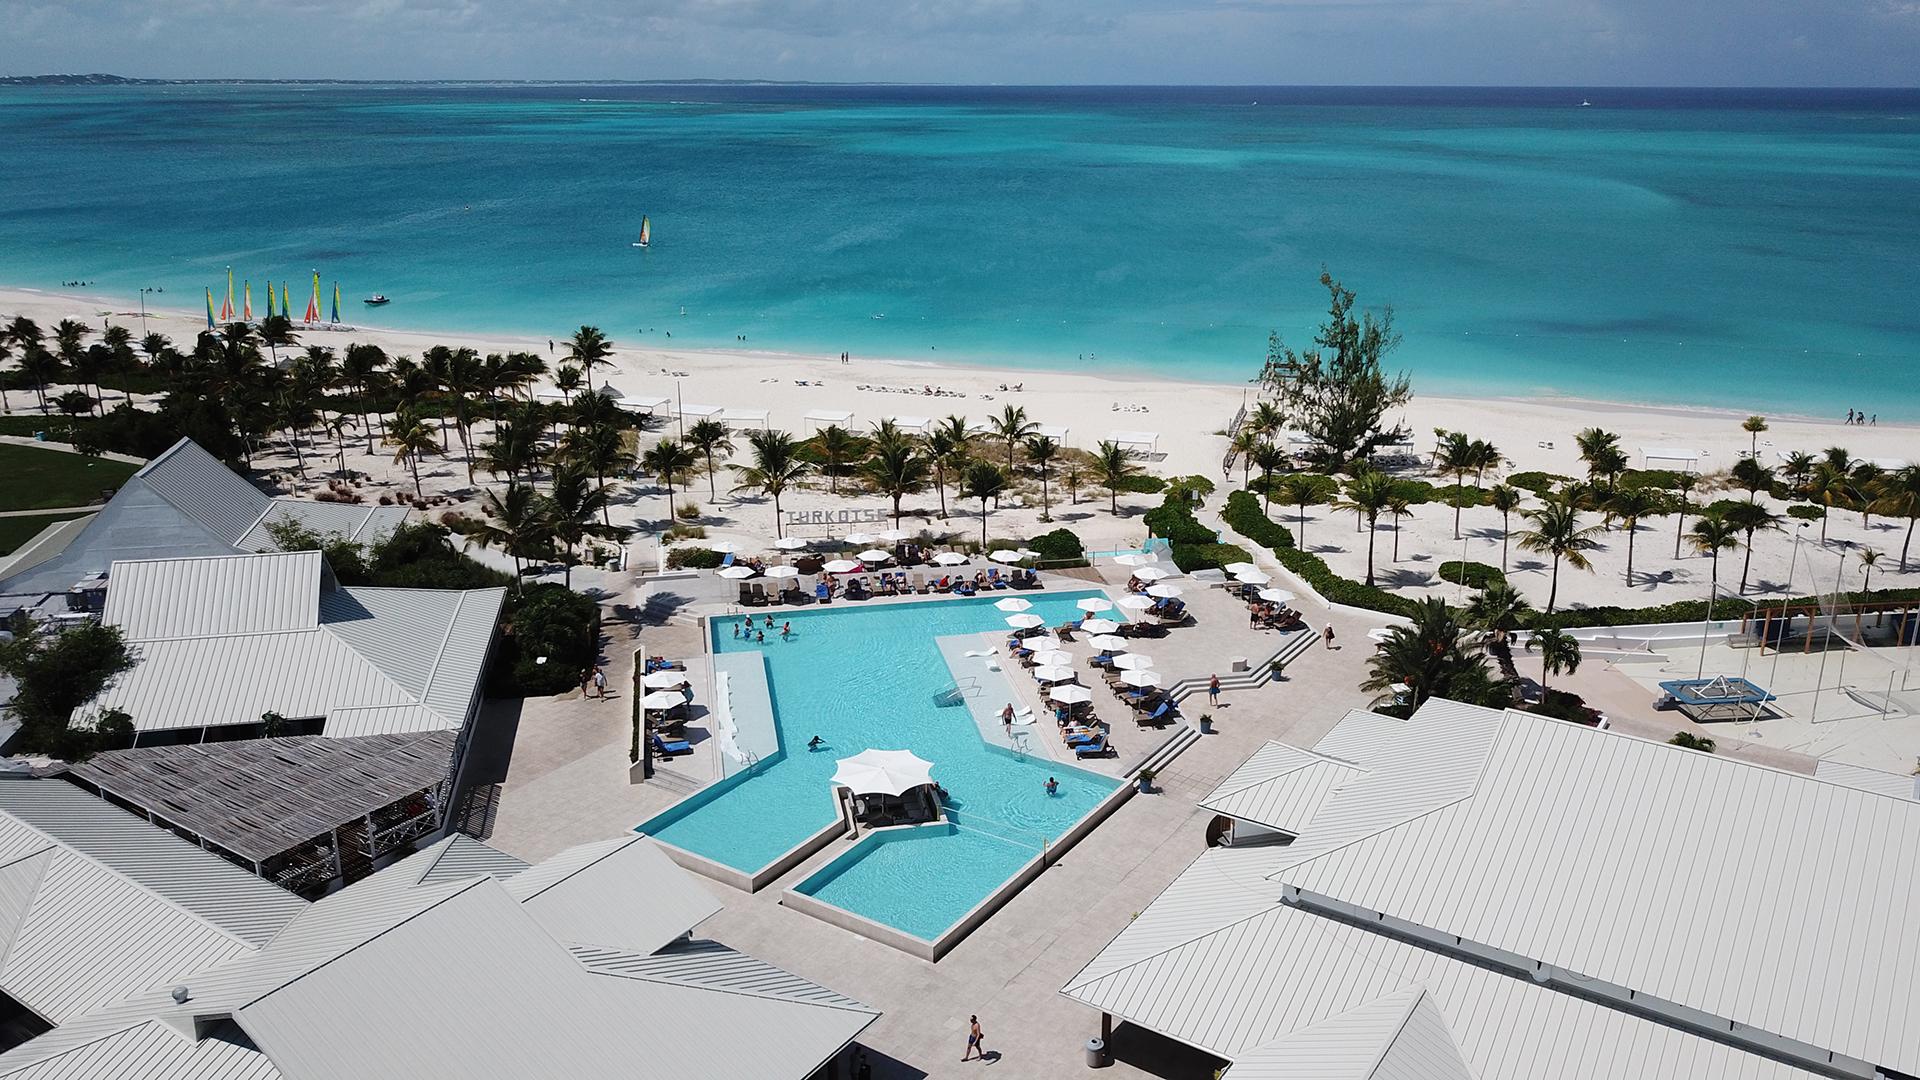 En el archipiélago más grande de las Islas Providenciales y en la exclusiva zona de Grace Bay se sitúa el reconocido Club Med Turkoise, el resort all inclusive en dónde el disfrute está garantizado